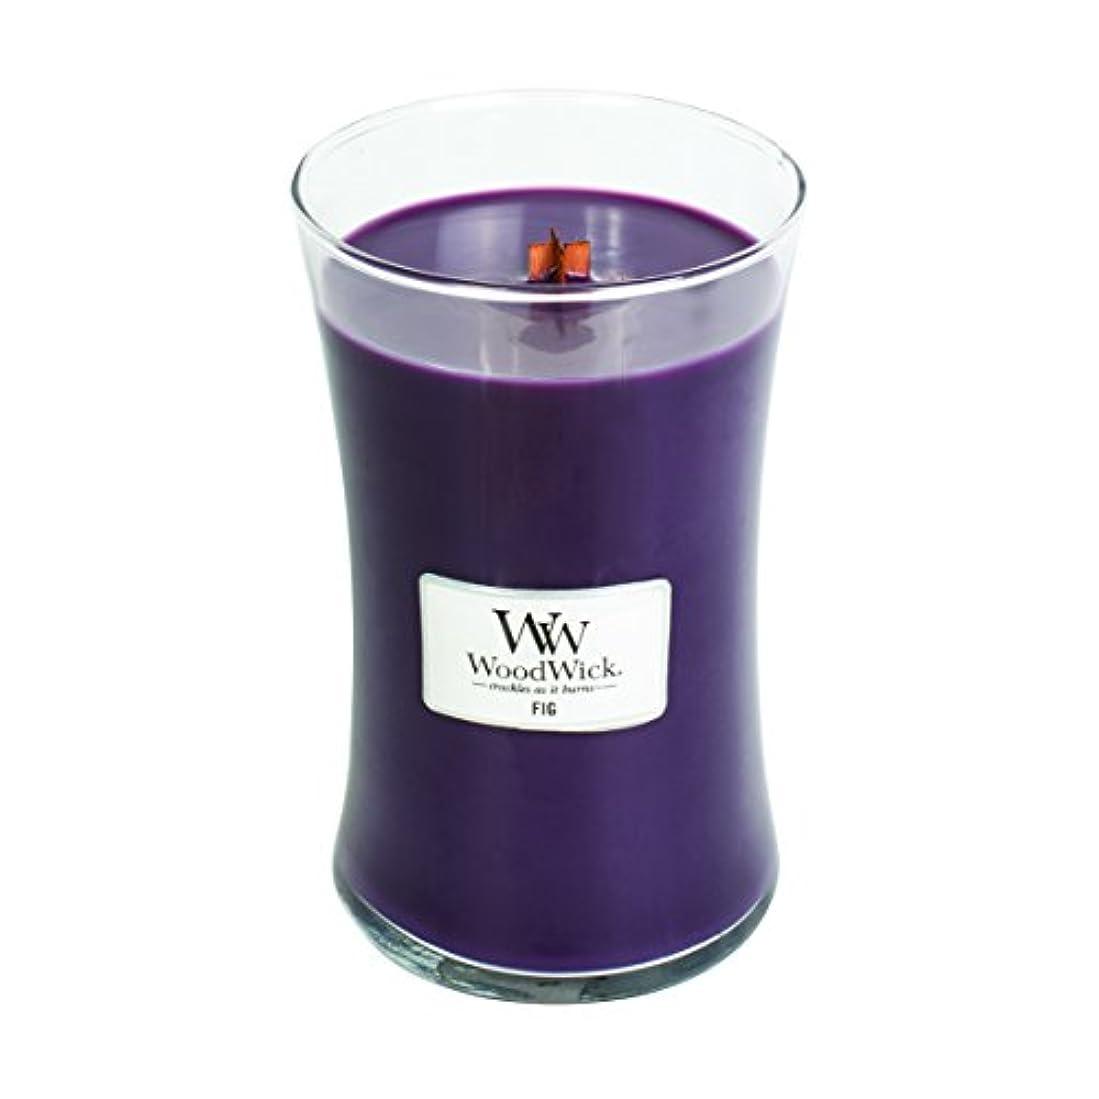 相談するゴミ箱を空にする黙認するFig – WoodWick 22oz Medium Jar Candle Burns 180時間